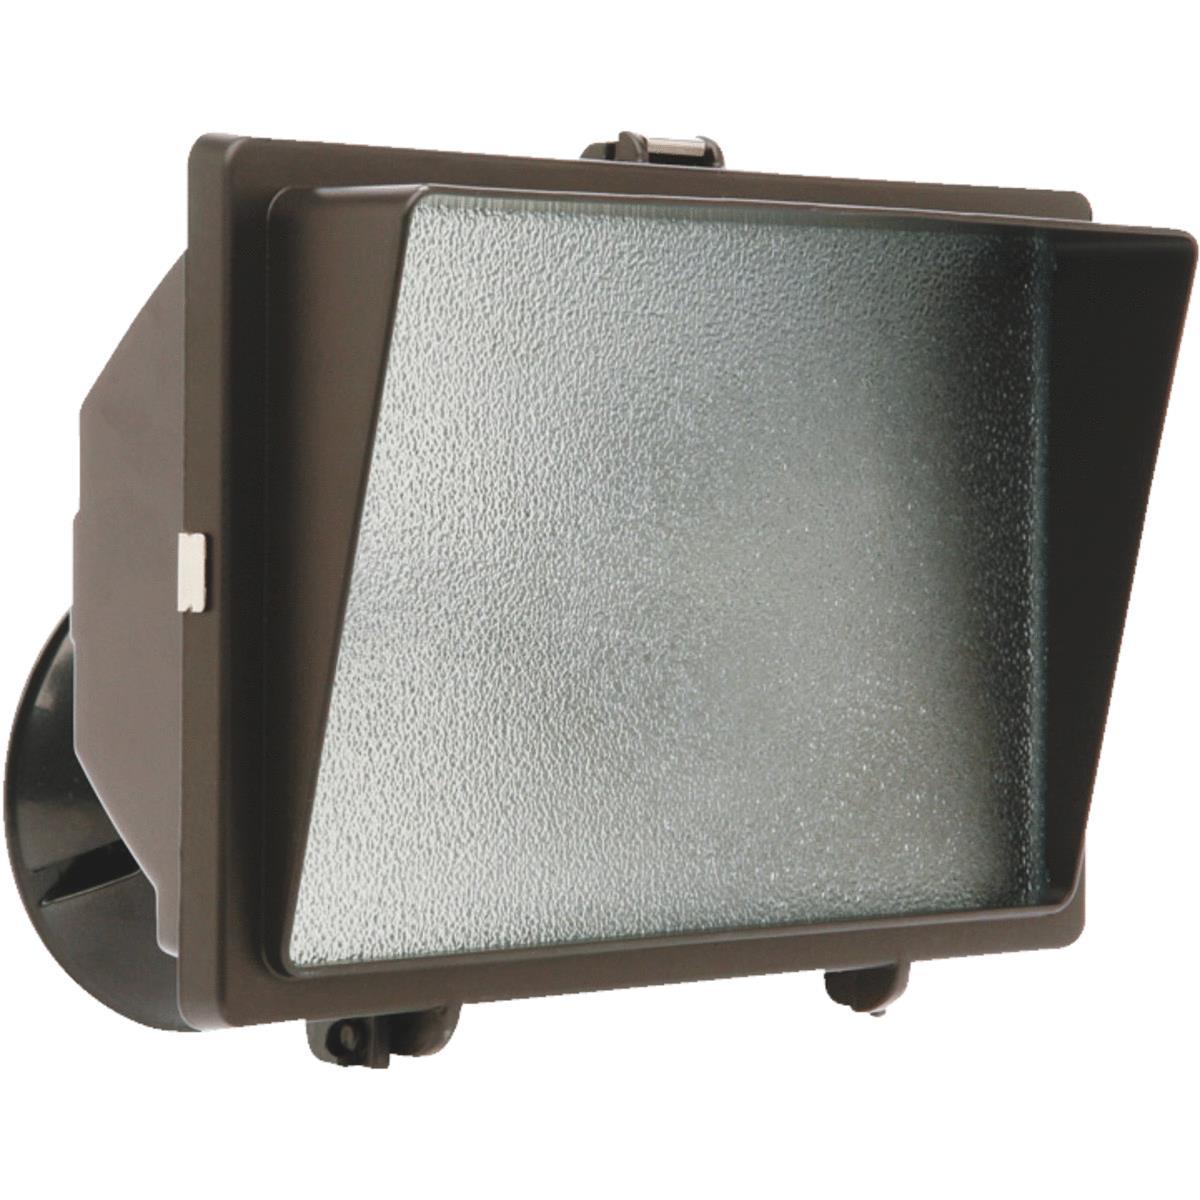 Buy Designers Edge Industrial Halogen Floodlight Fixture